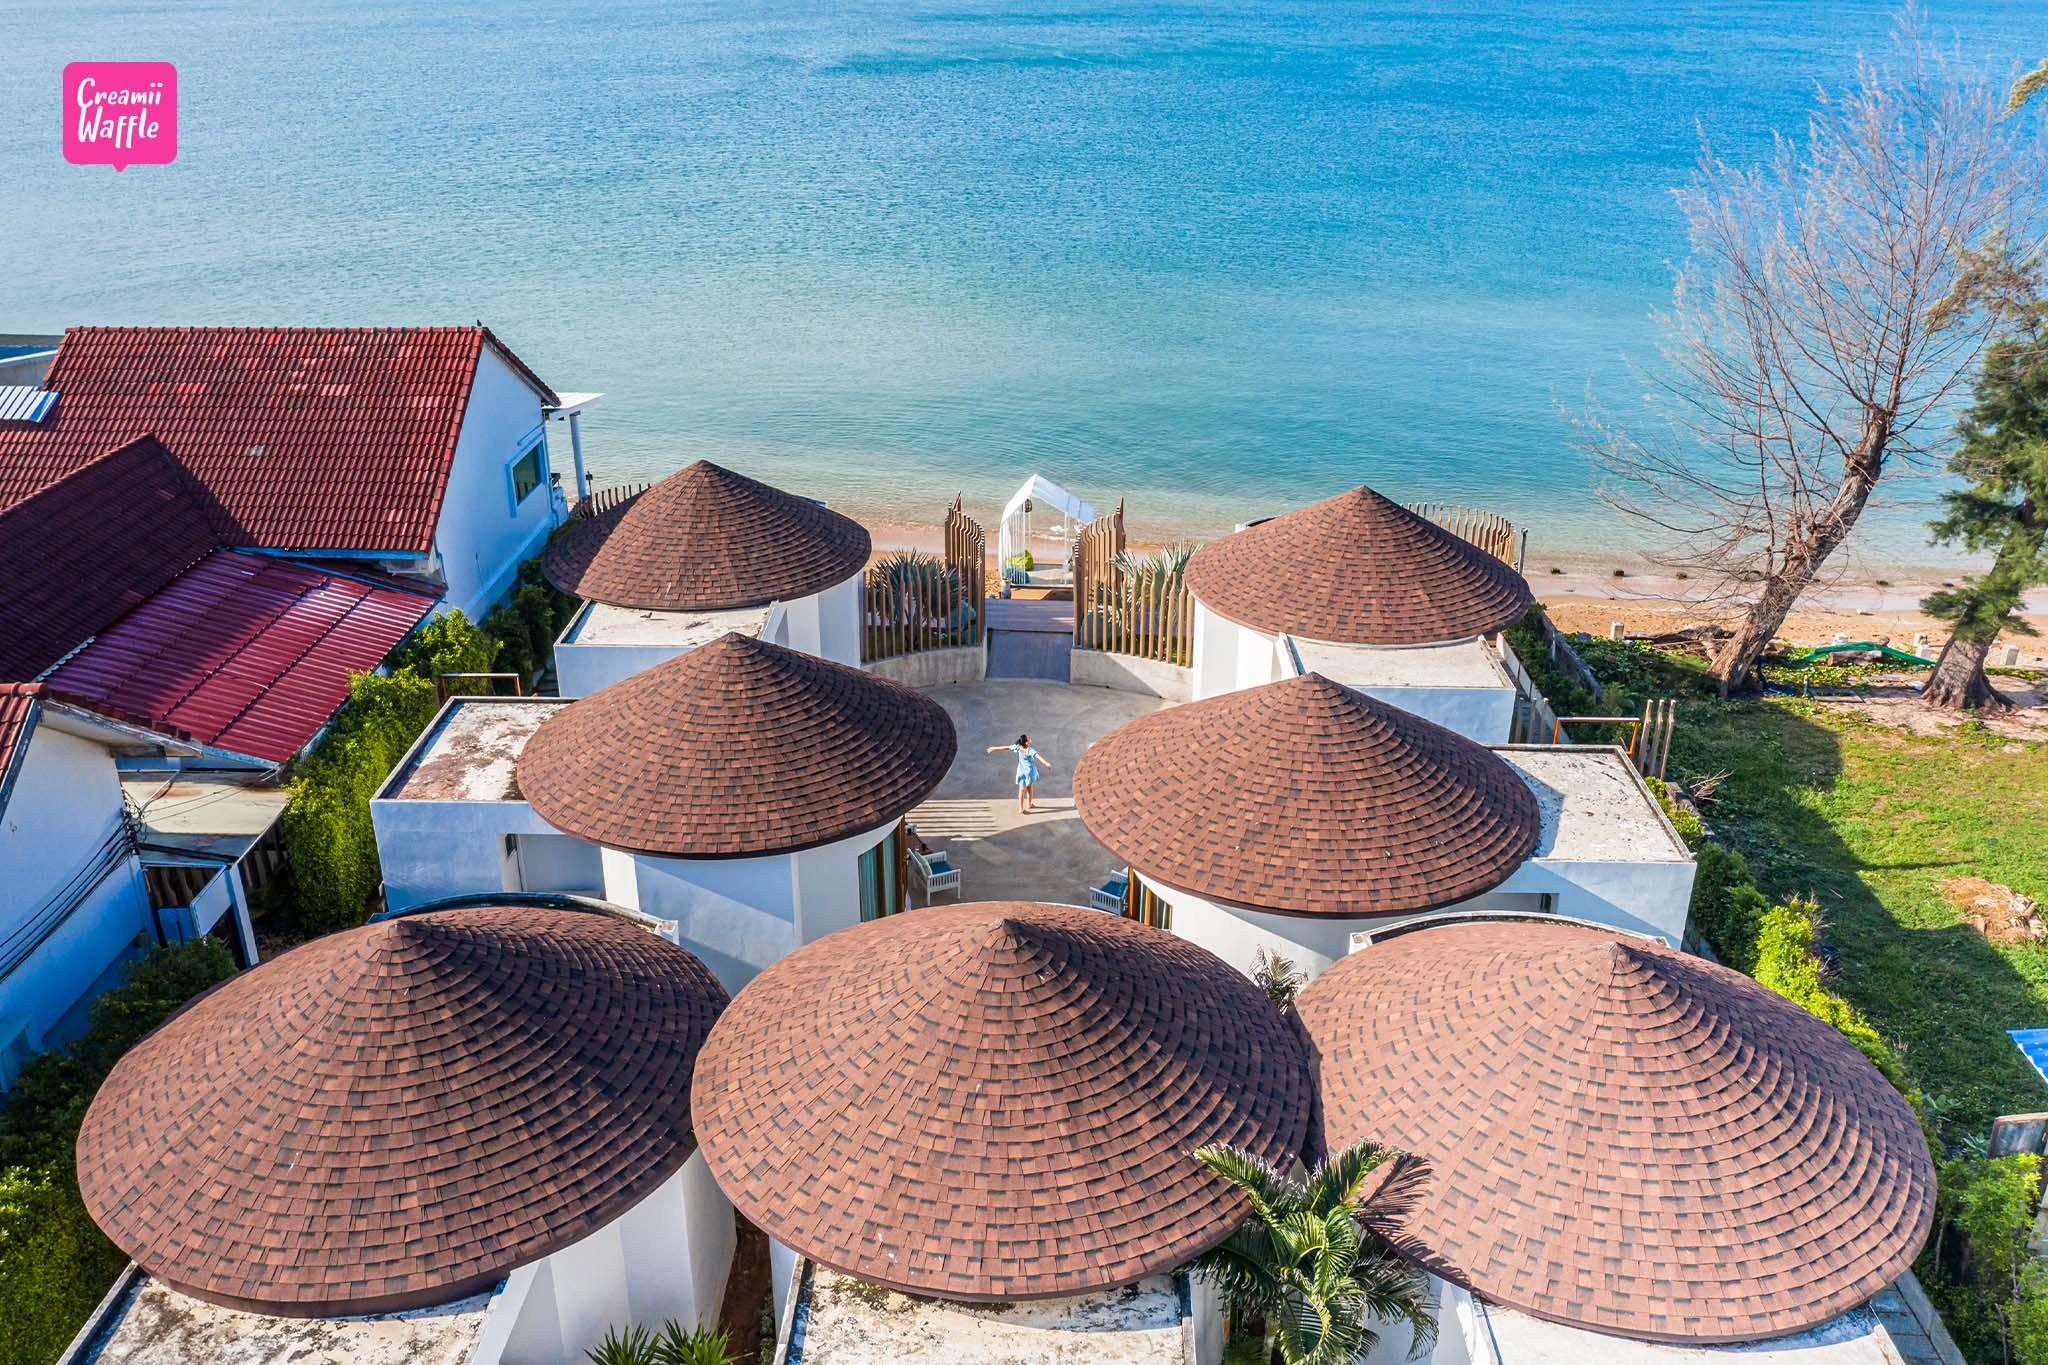 มัลดีฟส์ บีช รีสอร์ท จันทบุรี Maldives Beach Chanthaburi